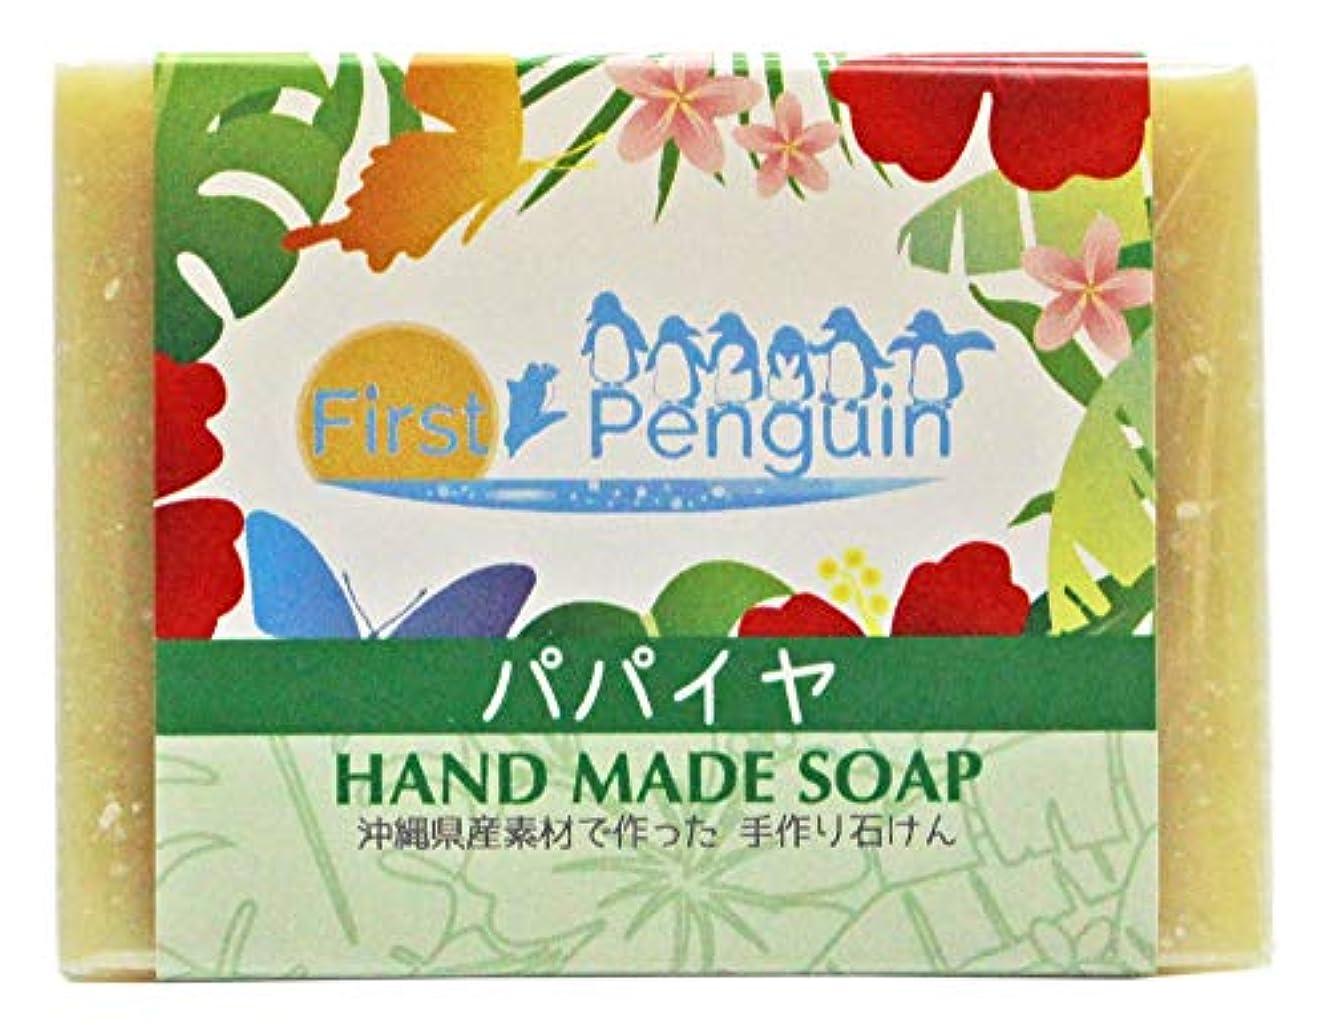 嬉しいですガイド代表する手作り洗顔石けん パパイヤ 100g